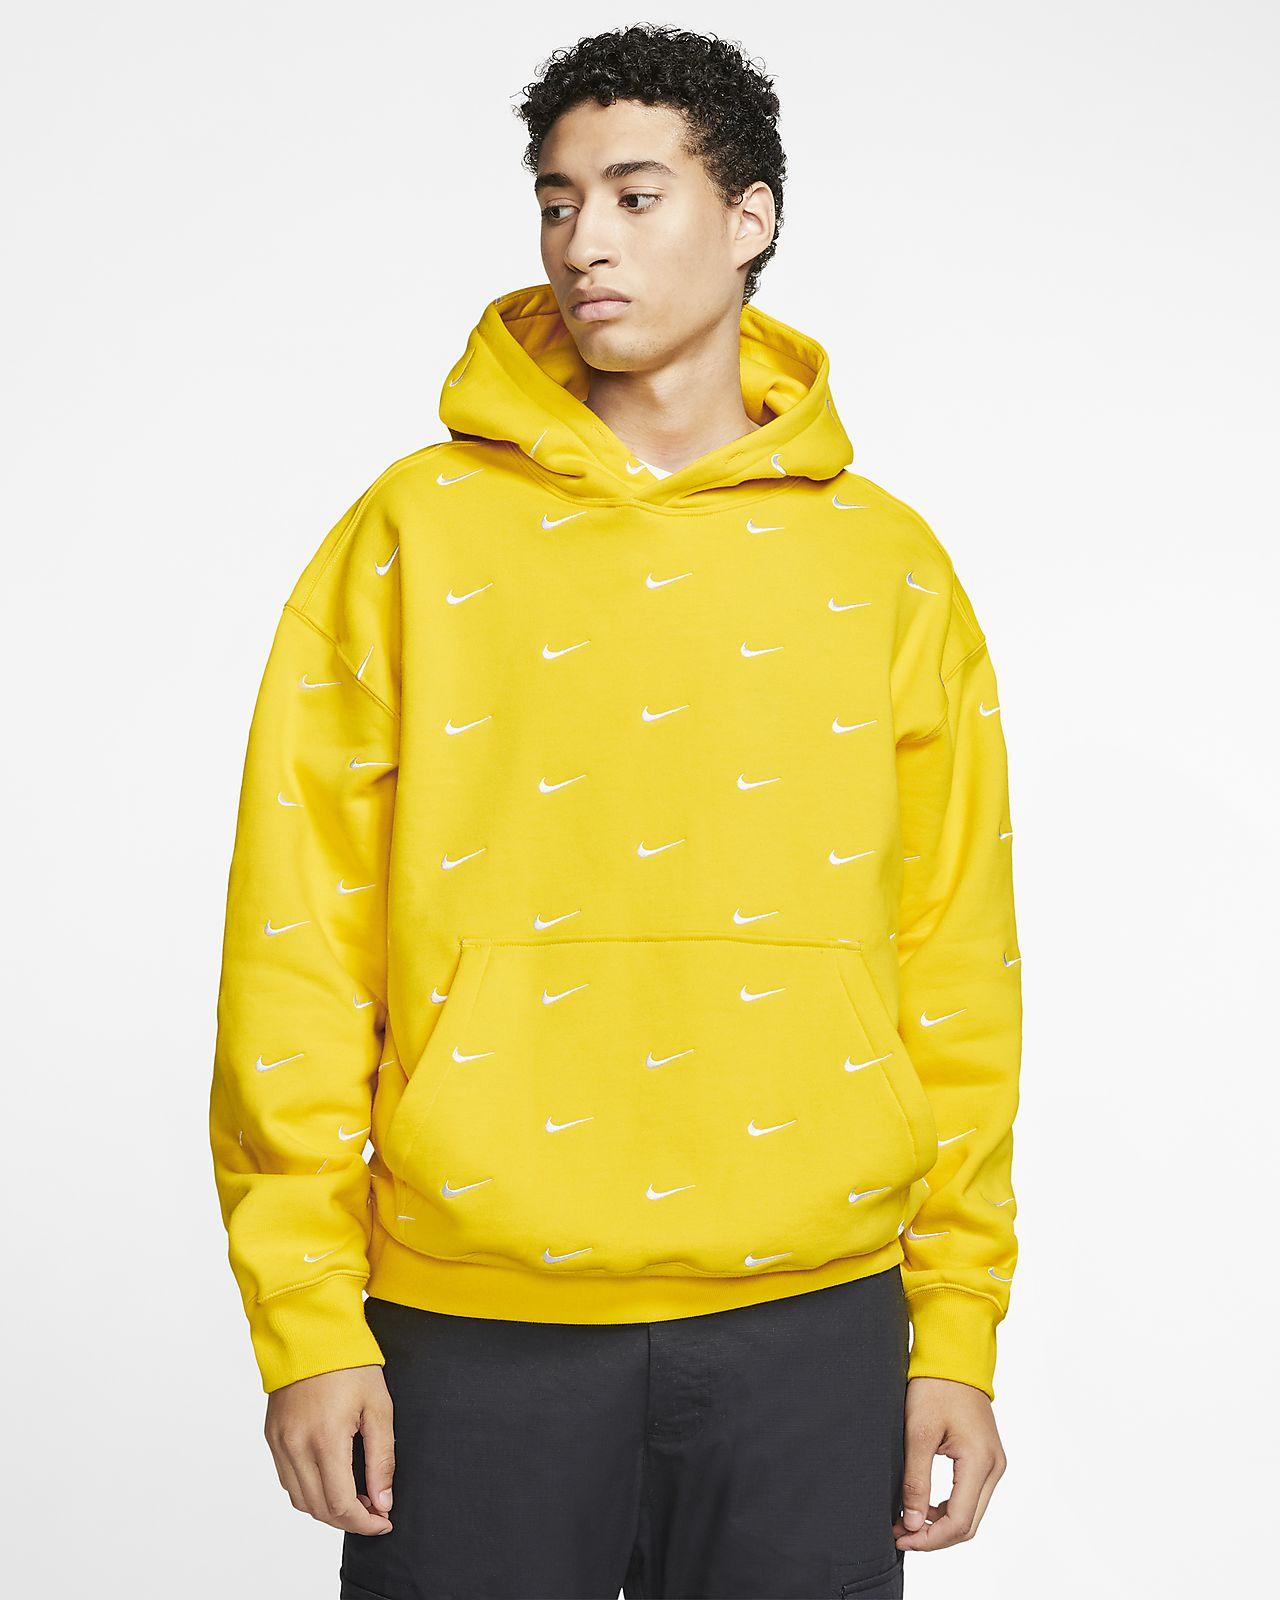 nike hoodie zip up mens